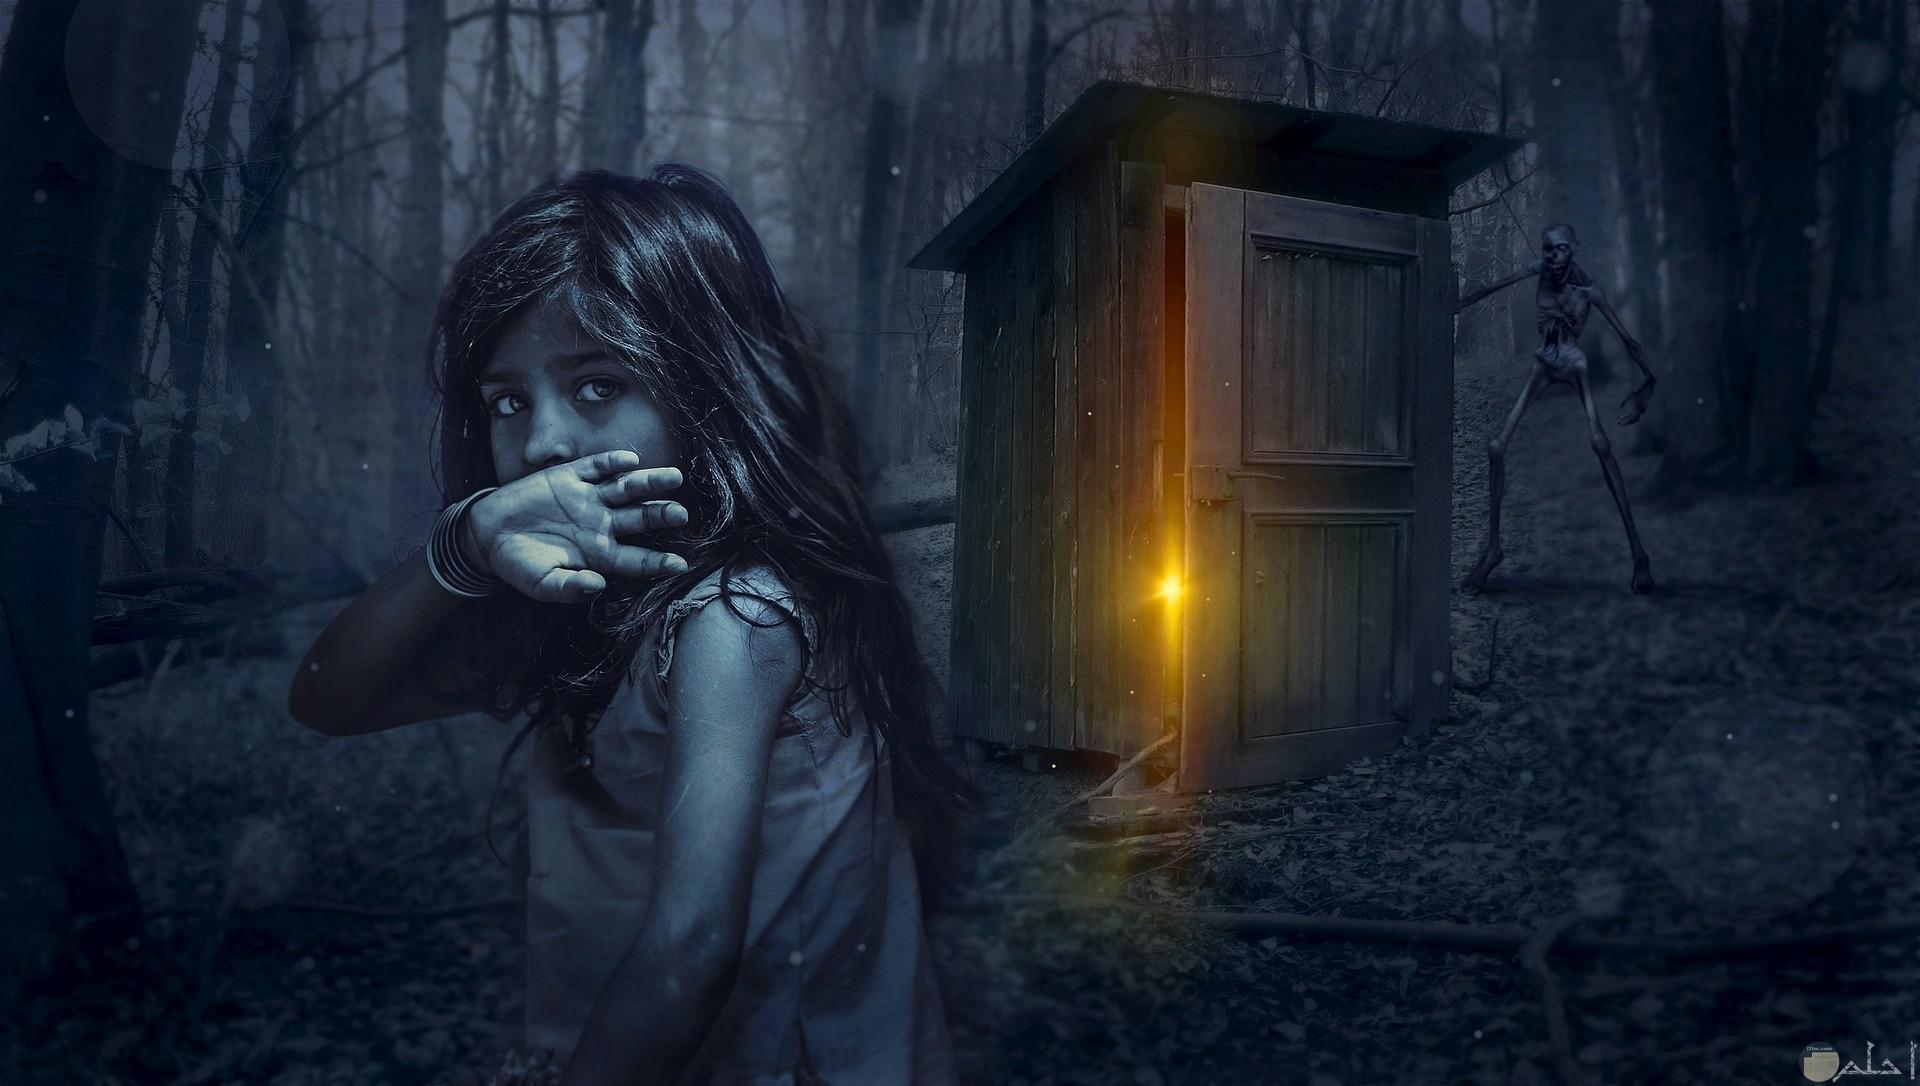 فتاة خائفة من كائن مرعب يتسلل نحوها